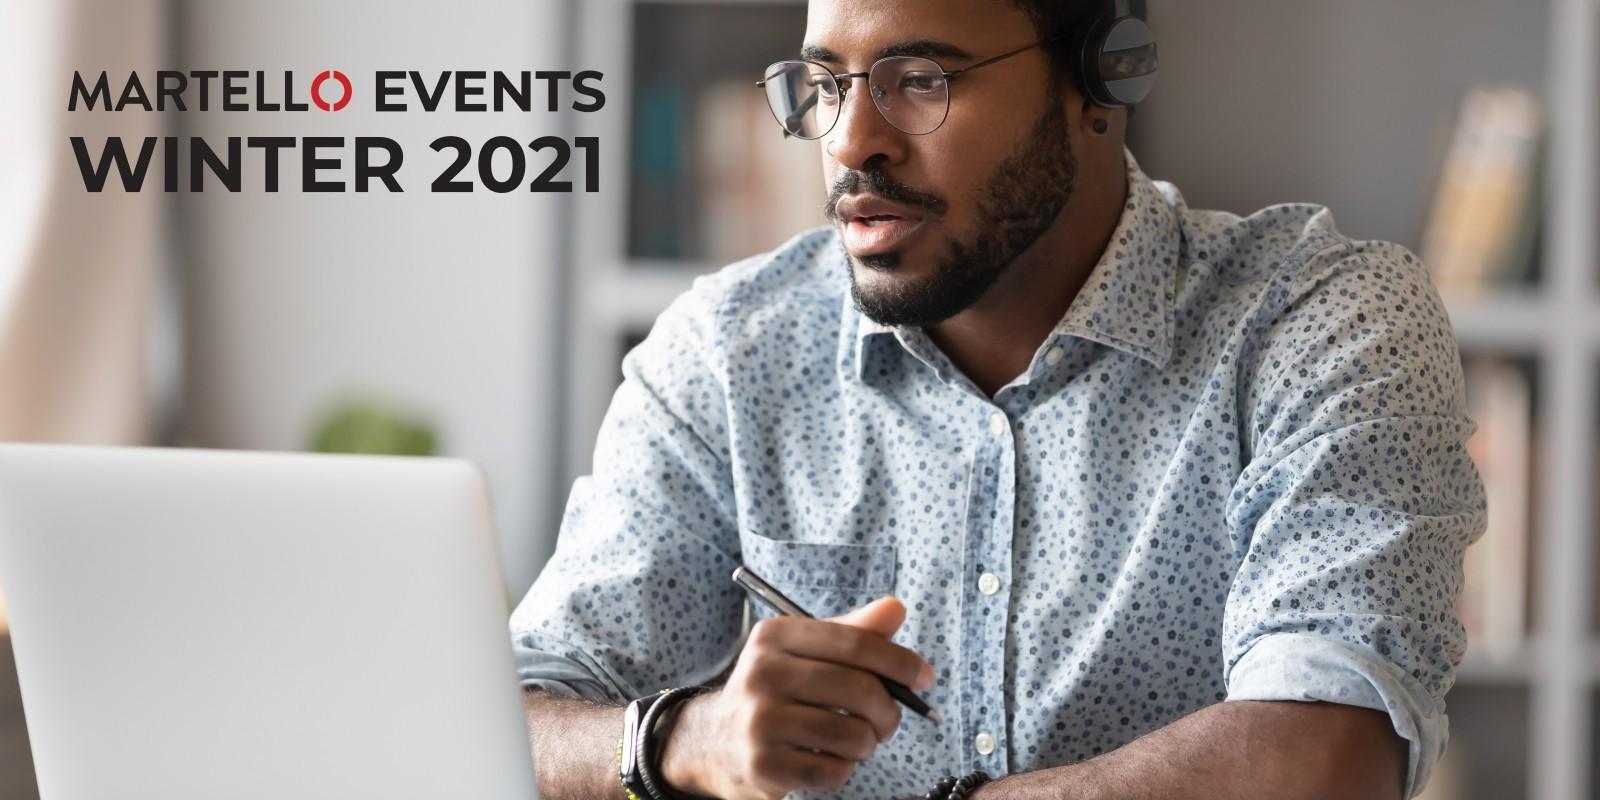 Martello events Winter 2021